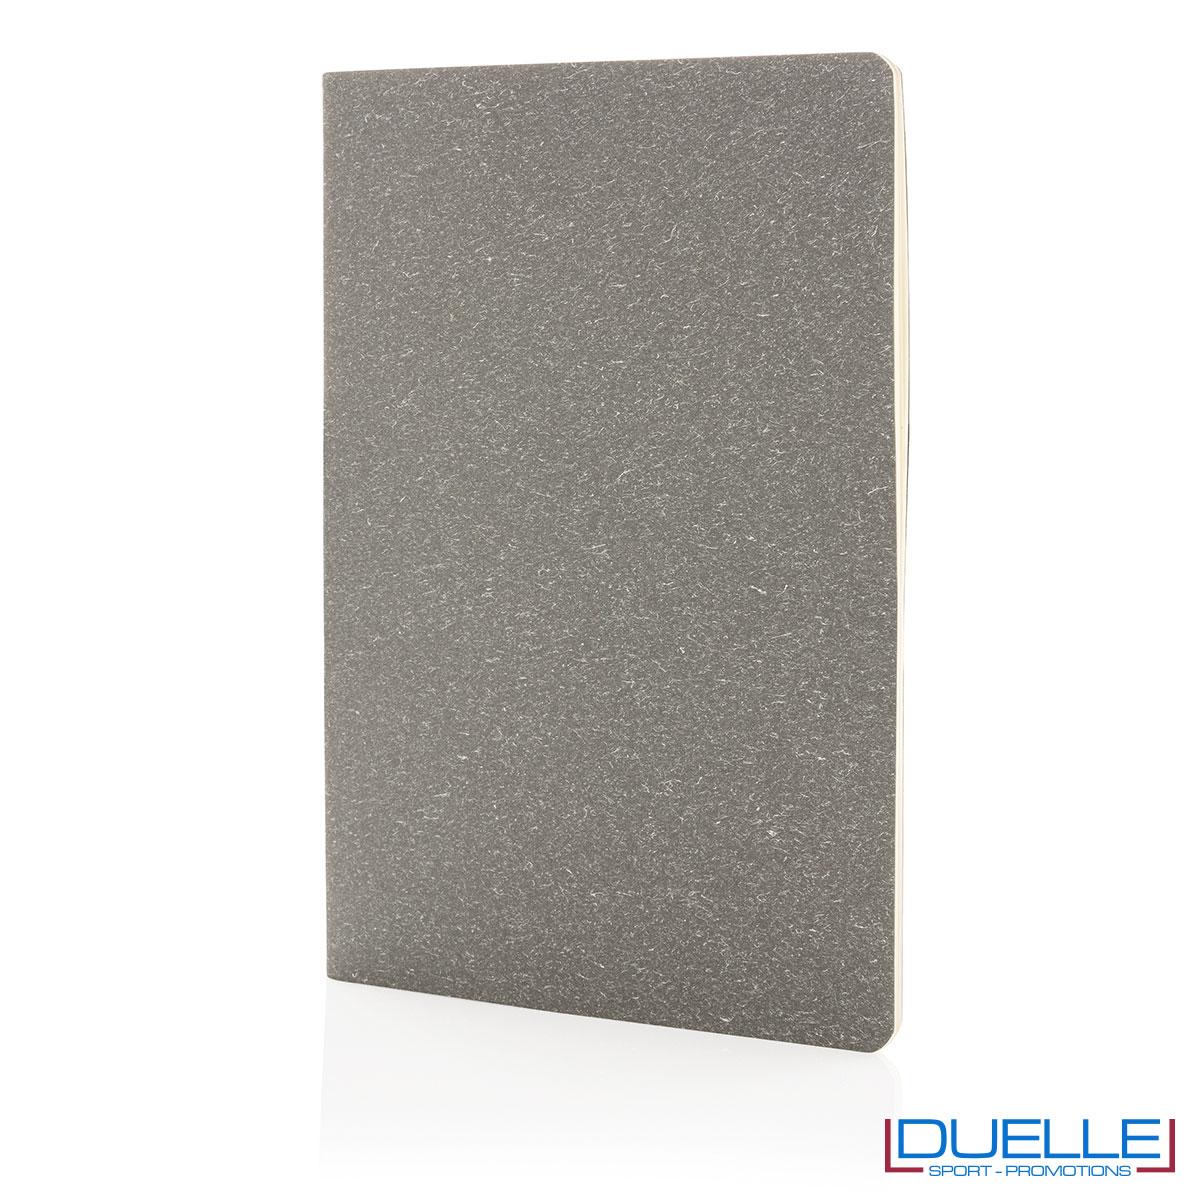 Taccuino per appunti A5 copertina flessibile di profilo - grigio